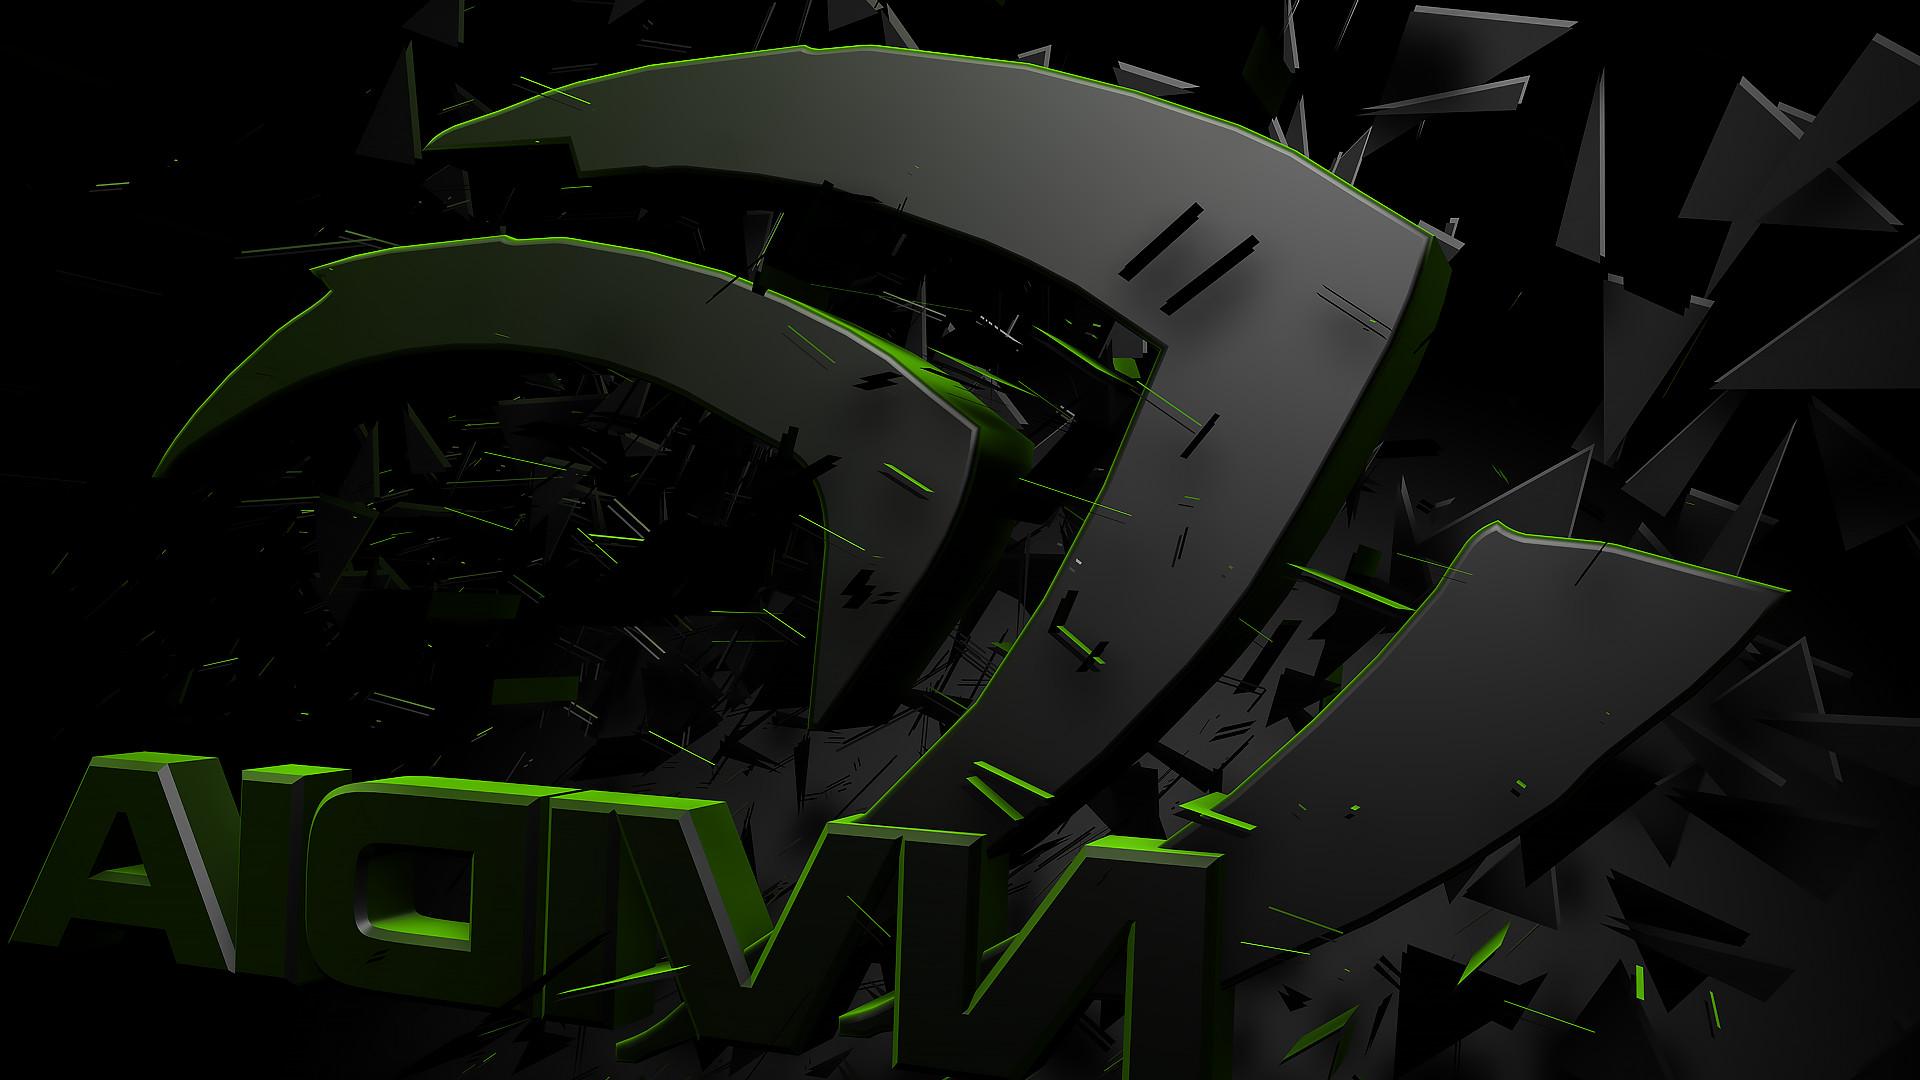 Nvidia Wallpaper 1920x1080 91 Images